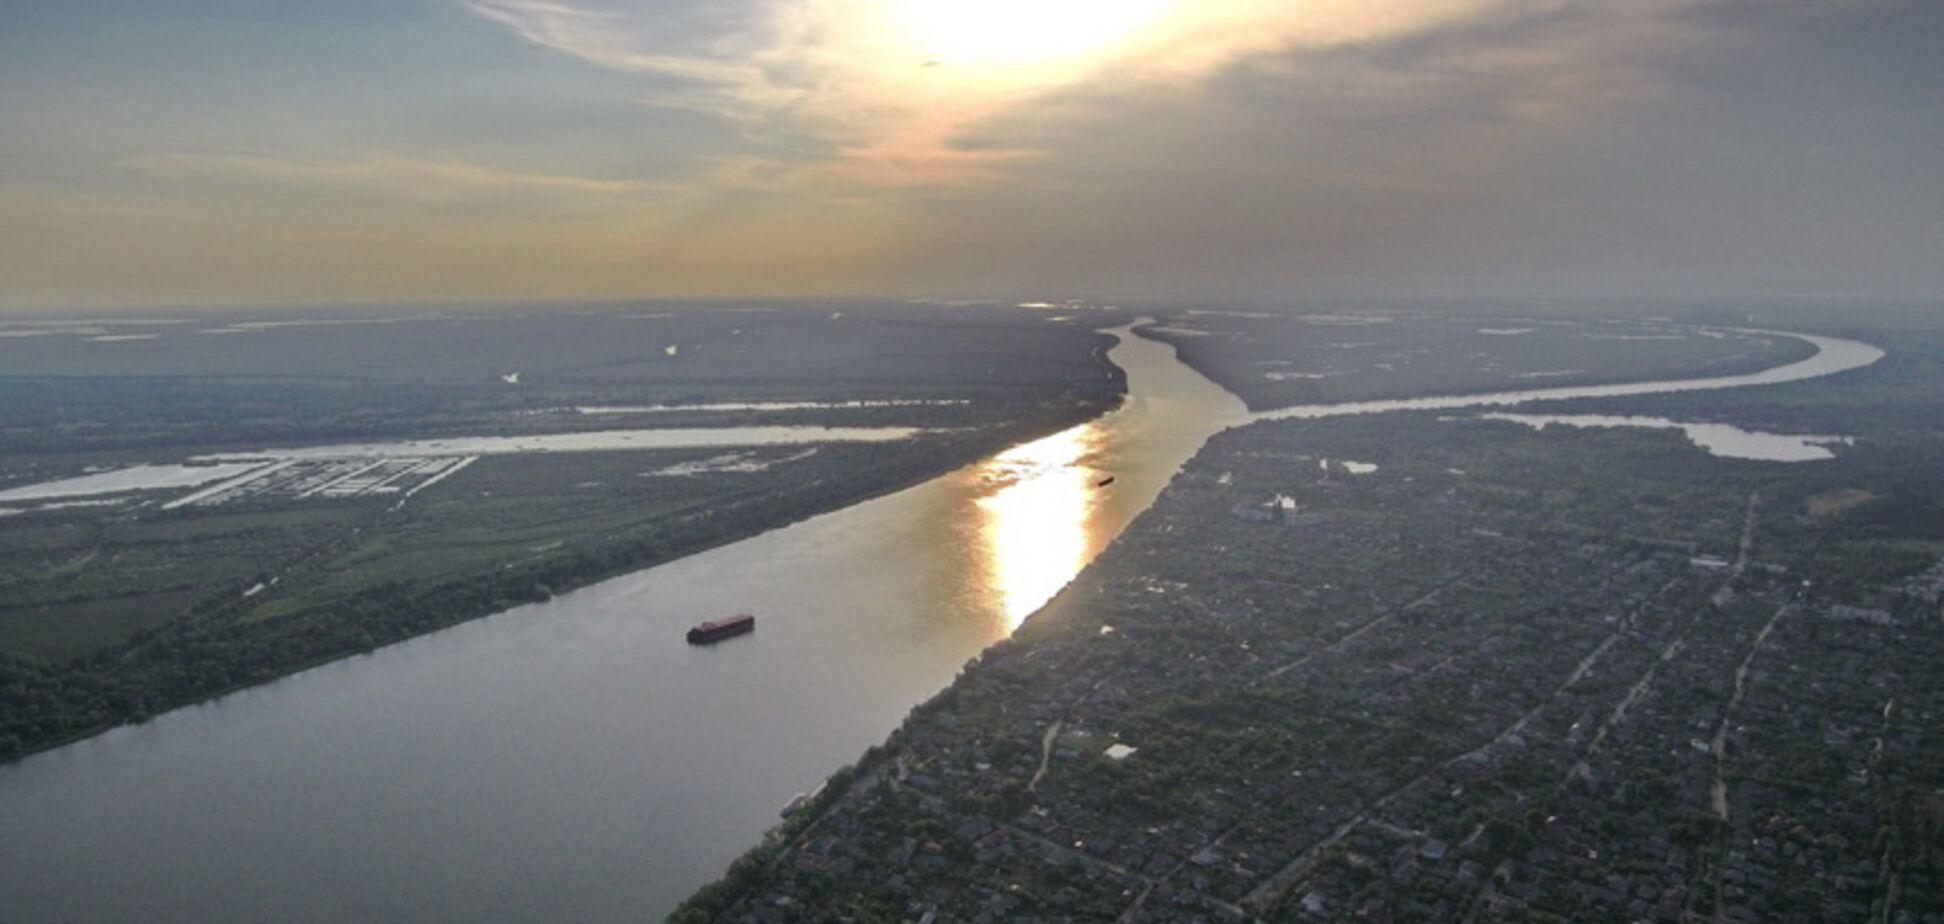 Украинскую Венецию показали с высоты птичьего полета: яркие фото и видео